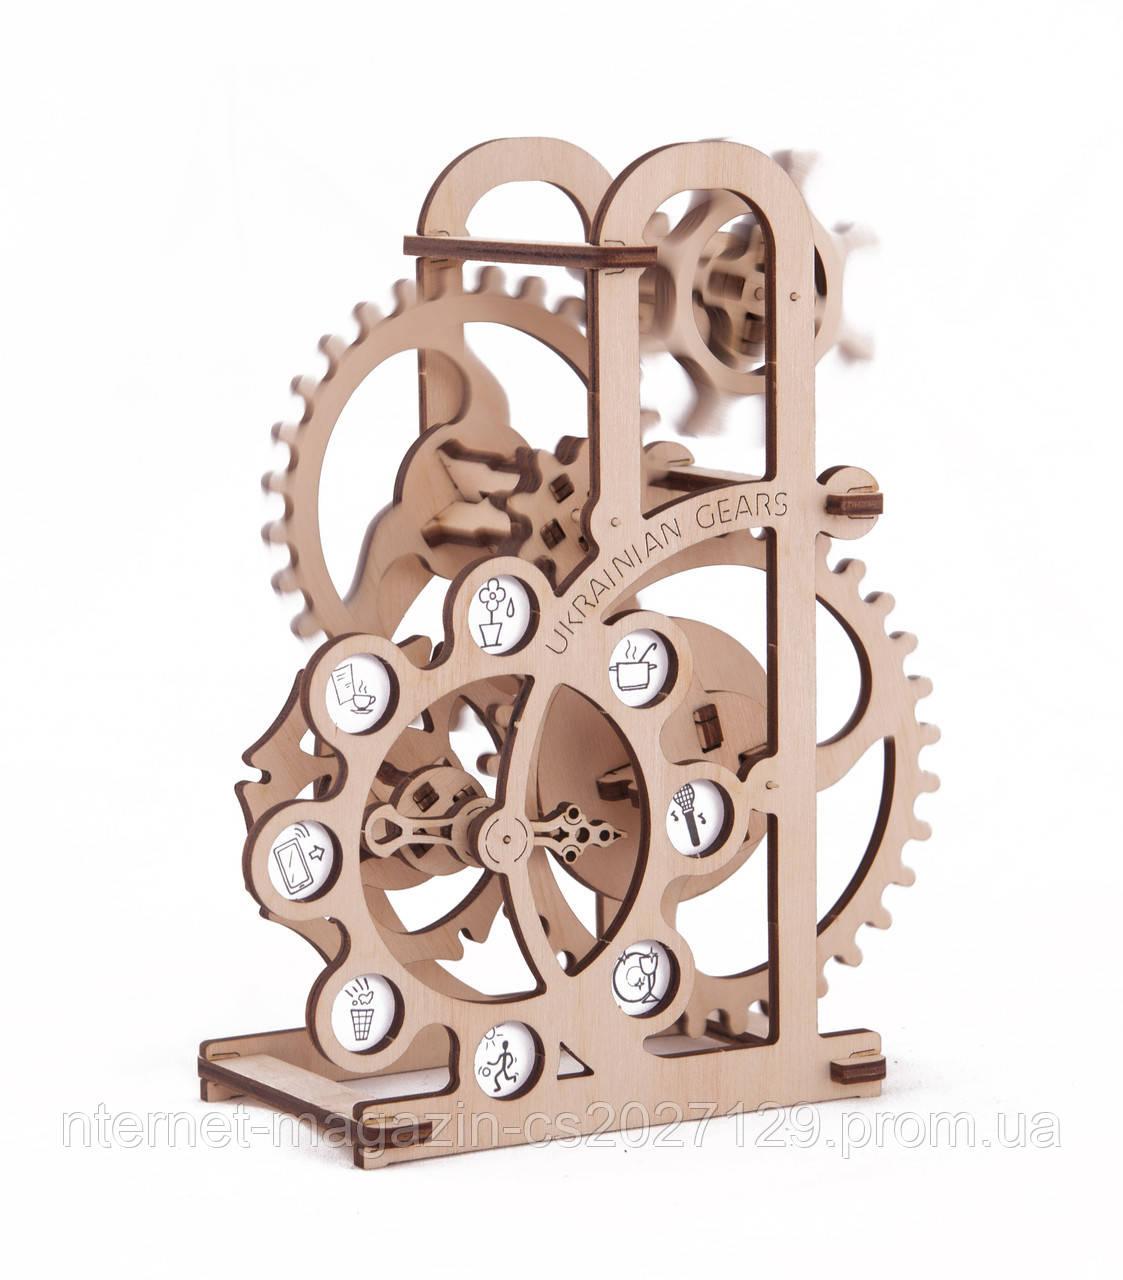 Деревянный конструктор - механический Силомер , фото 1